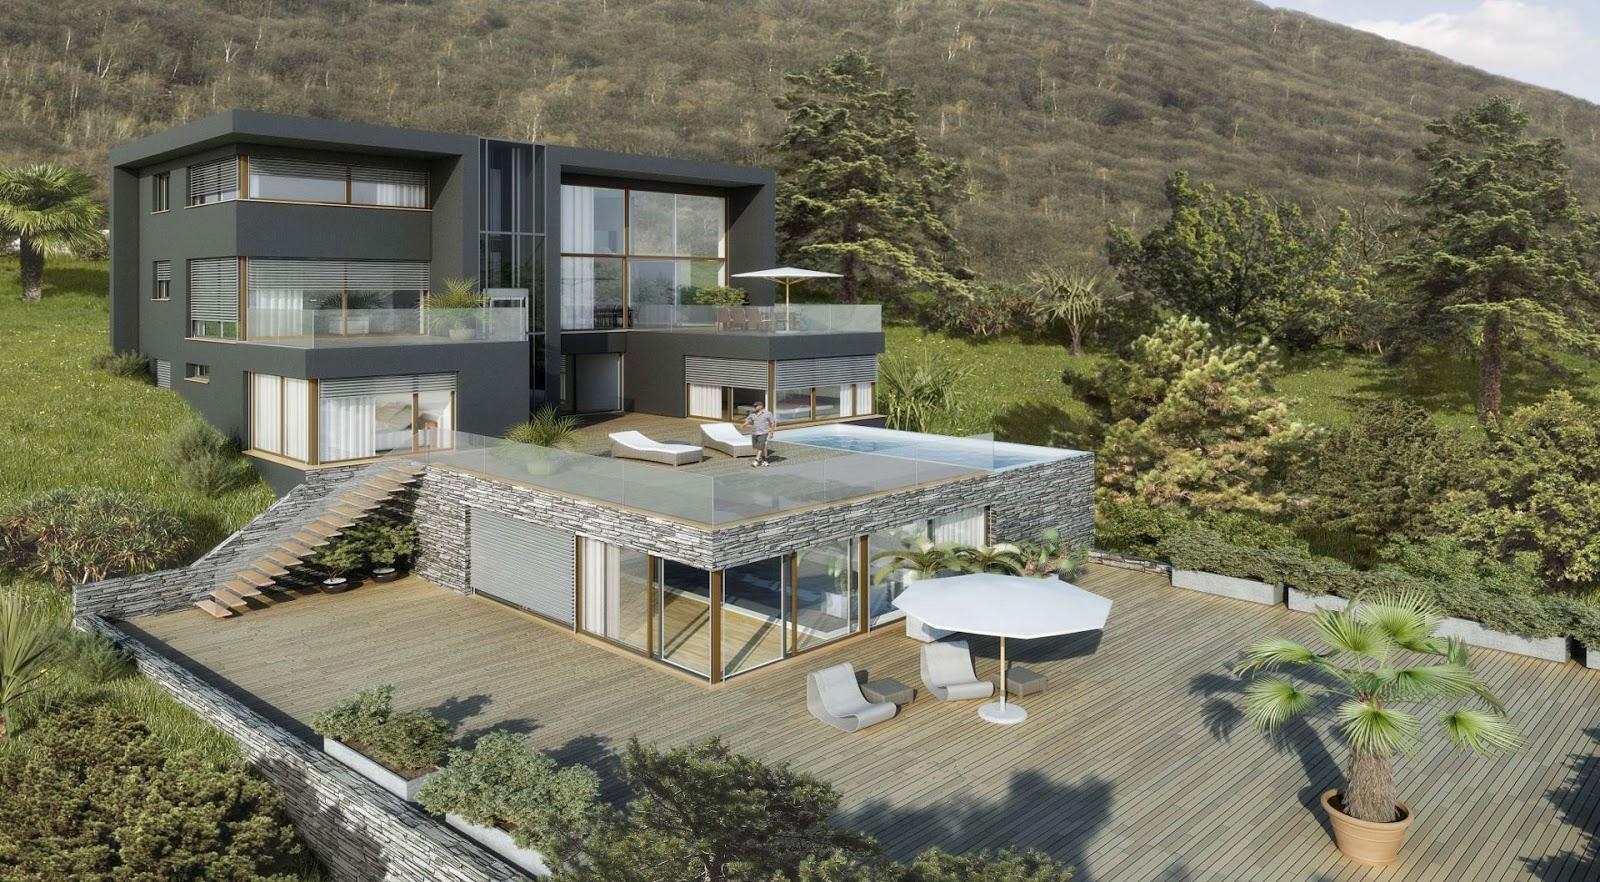 La casa pi costosa al mondo si trova in ticino - La casa piu bella al mondo ...